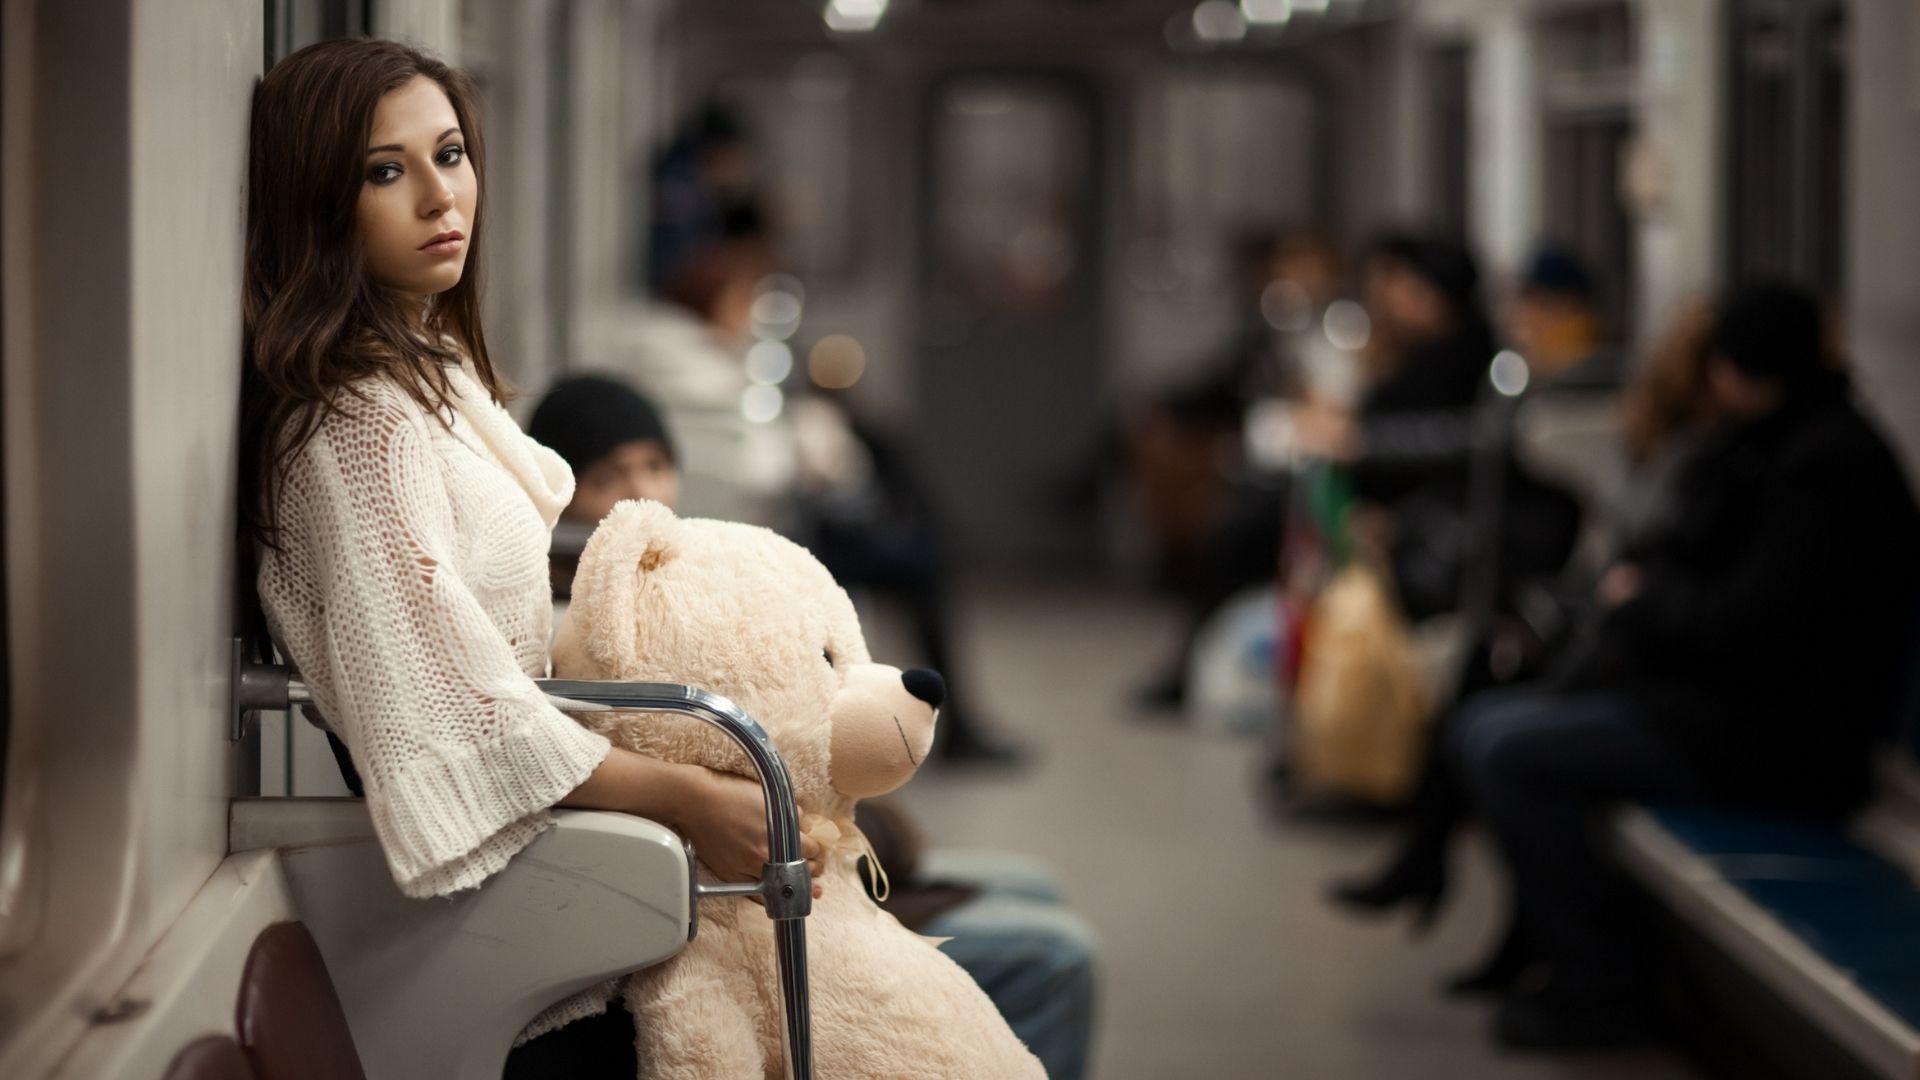 Jeune fille à l'air triste, debout dans un métro bondé, tenant une peluche géante en forme de nounours contre elle